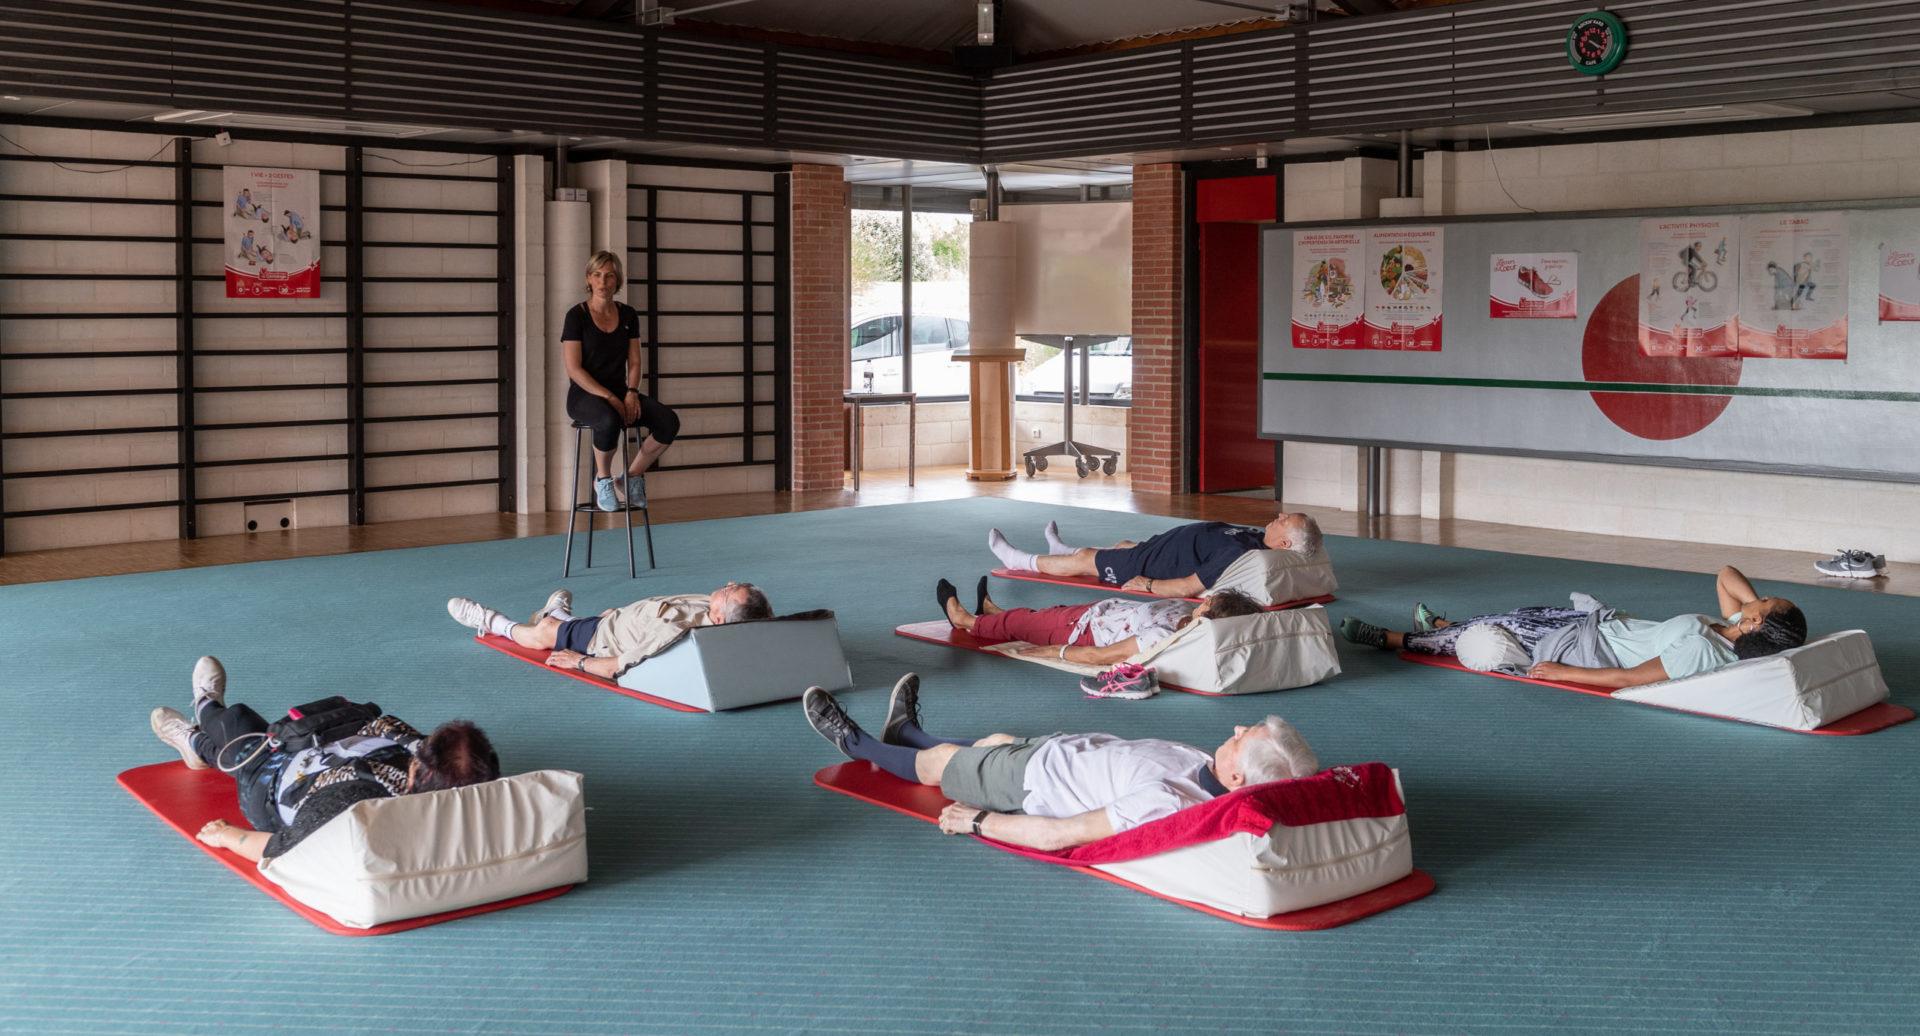 Un grand gymnase permet de réaliser des activités collectives (gymnastique, relaxation, séances d'information)